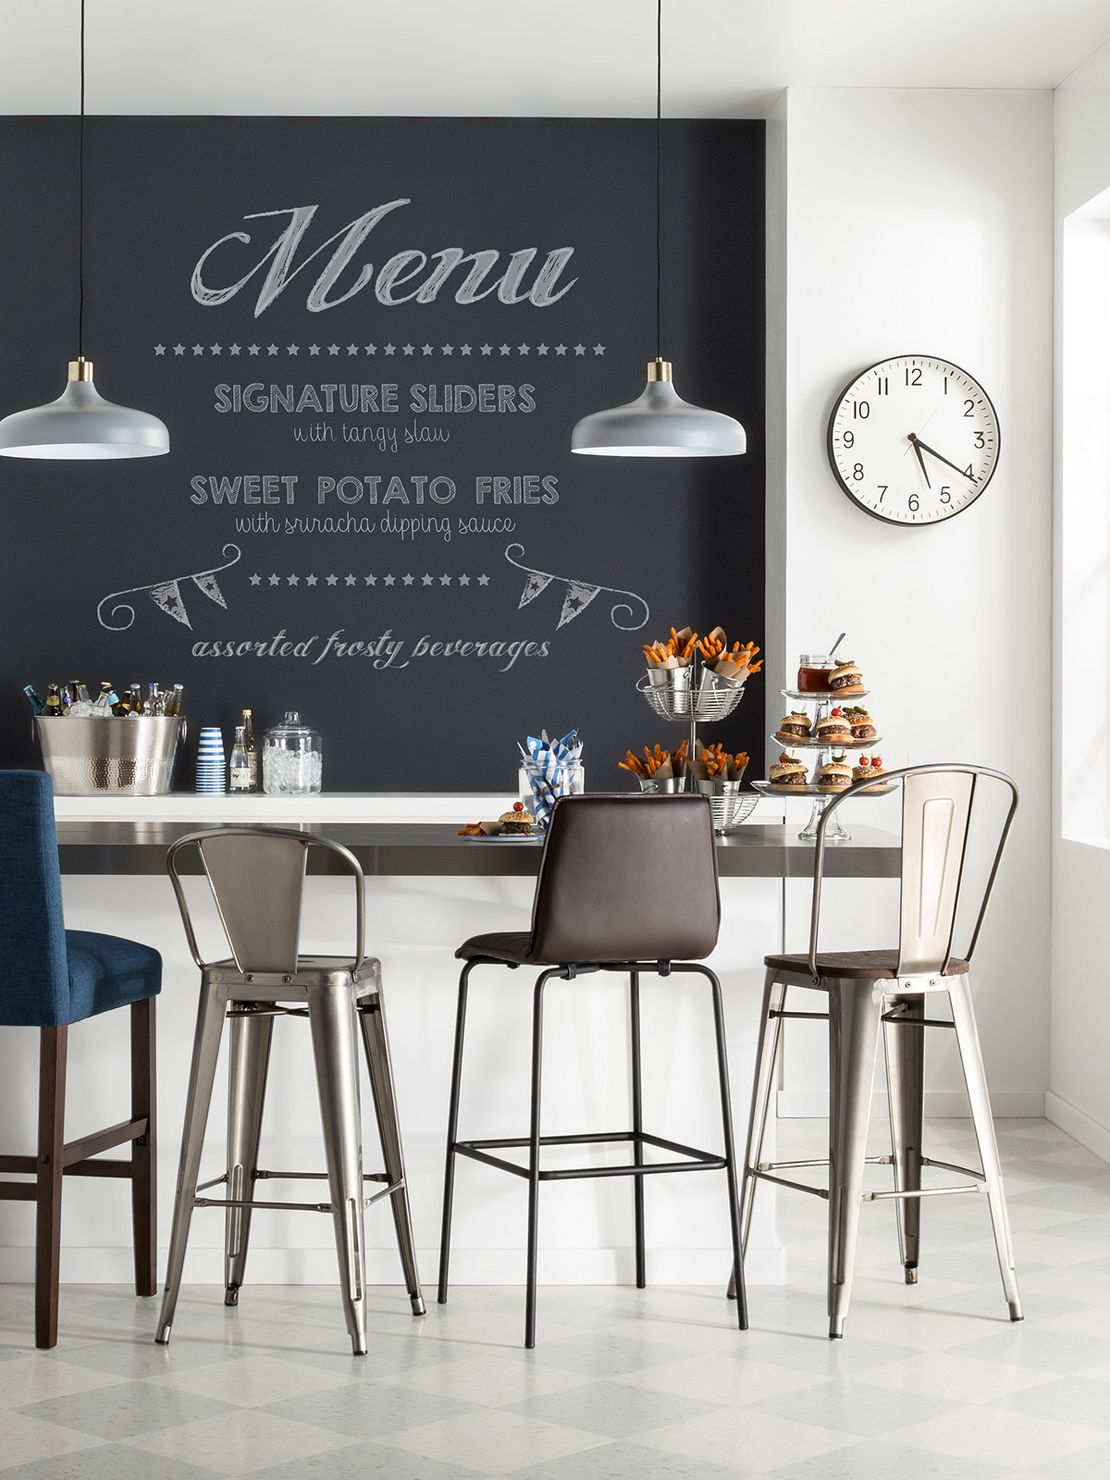 Baker Rack : Kitchen & Dining Furniture : Target